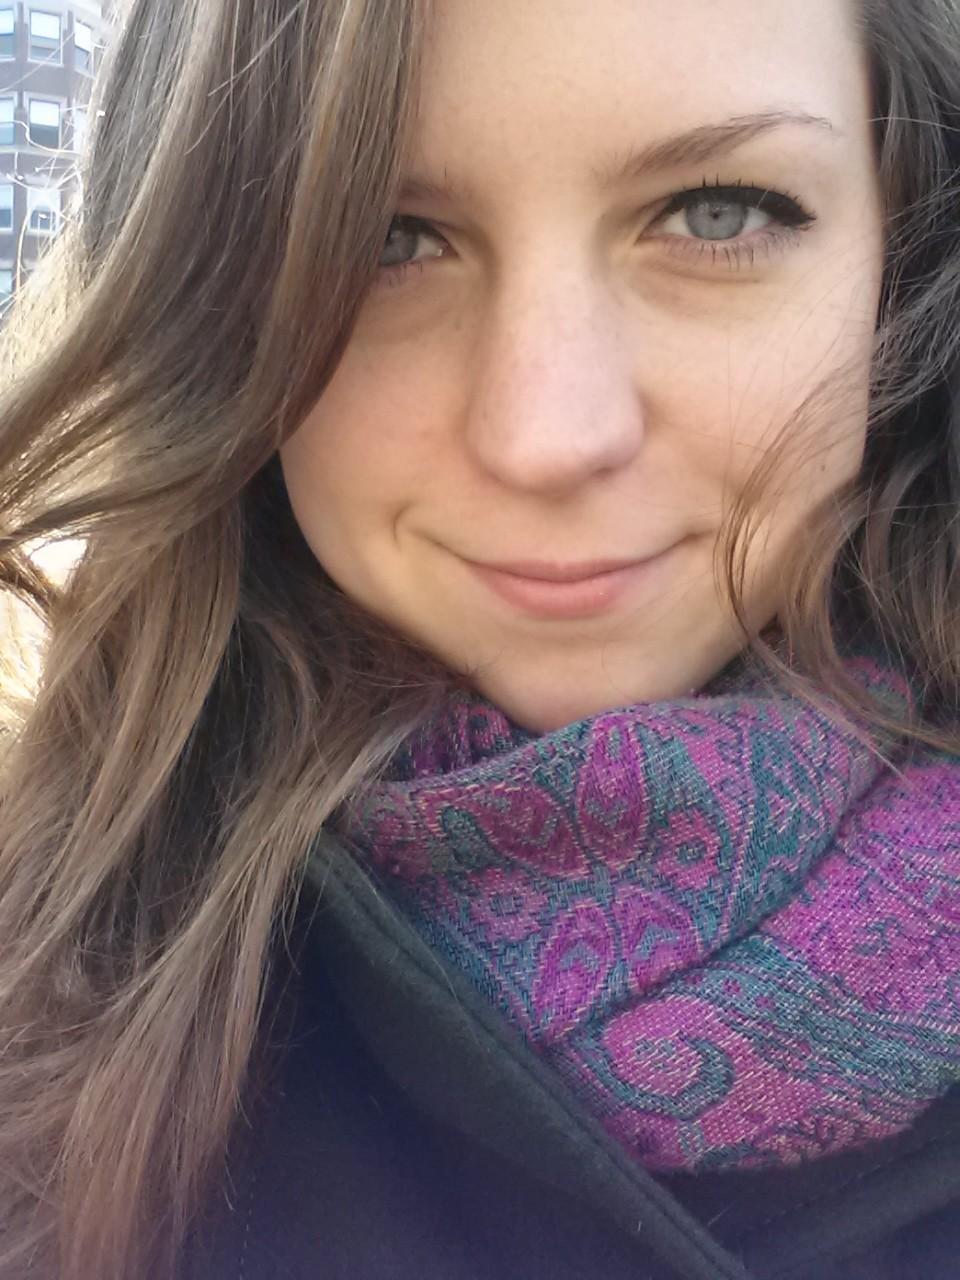 Alicia Catherine